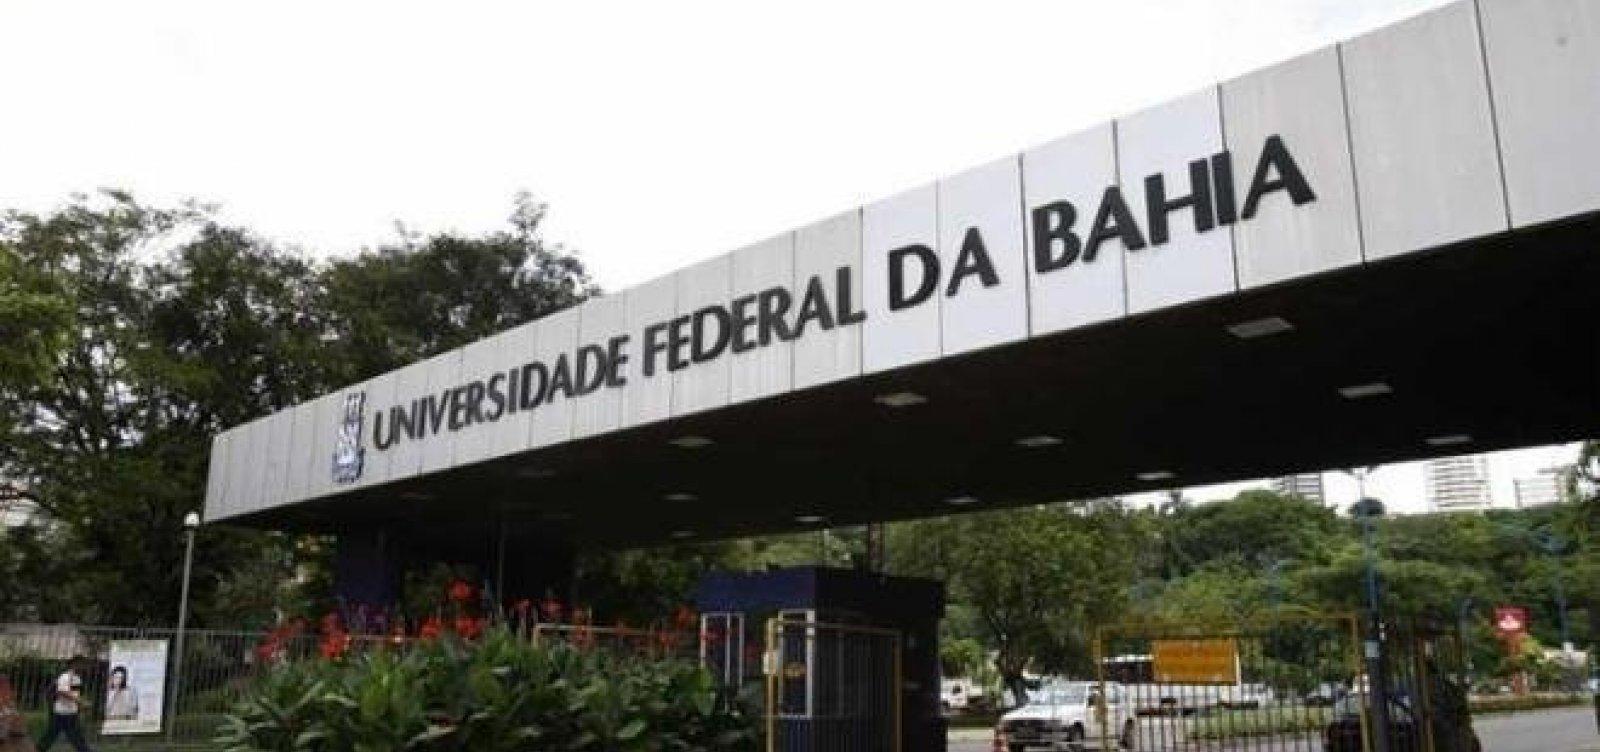 Após Ufba rejeitar 'Future-se', reitor diz que programa é 'descompromisso' com financiamento das universidades